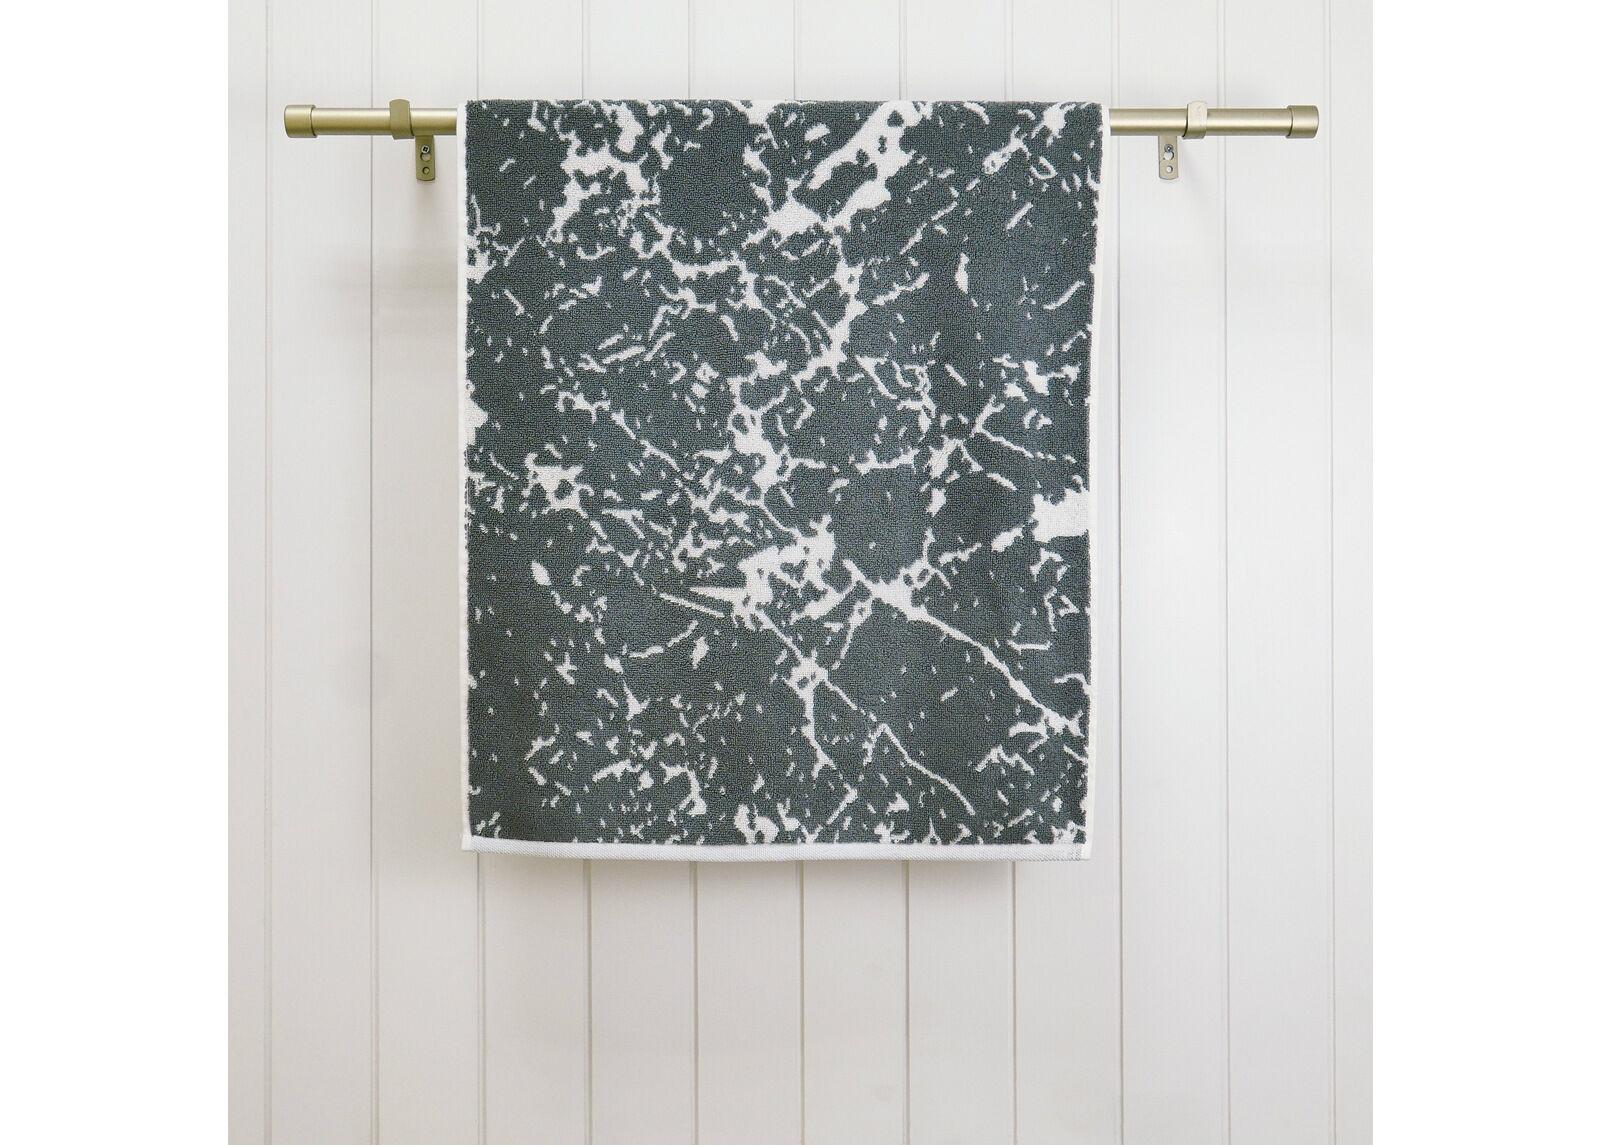 ARDENZA Froteepyyhe Marble, harmaa 48x90 cm